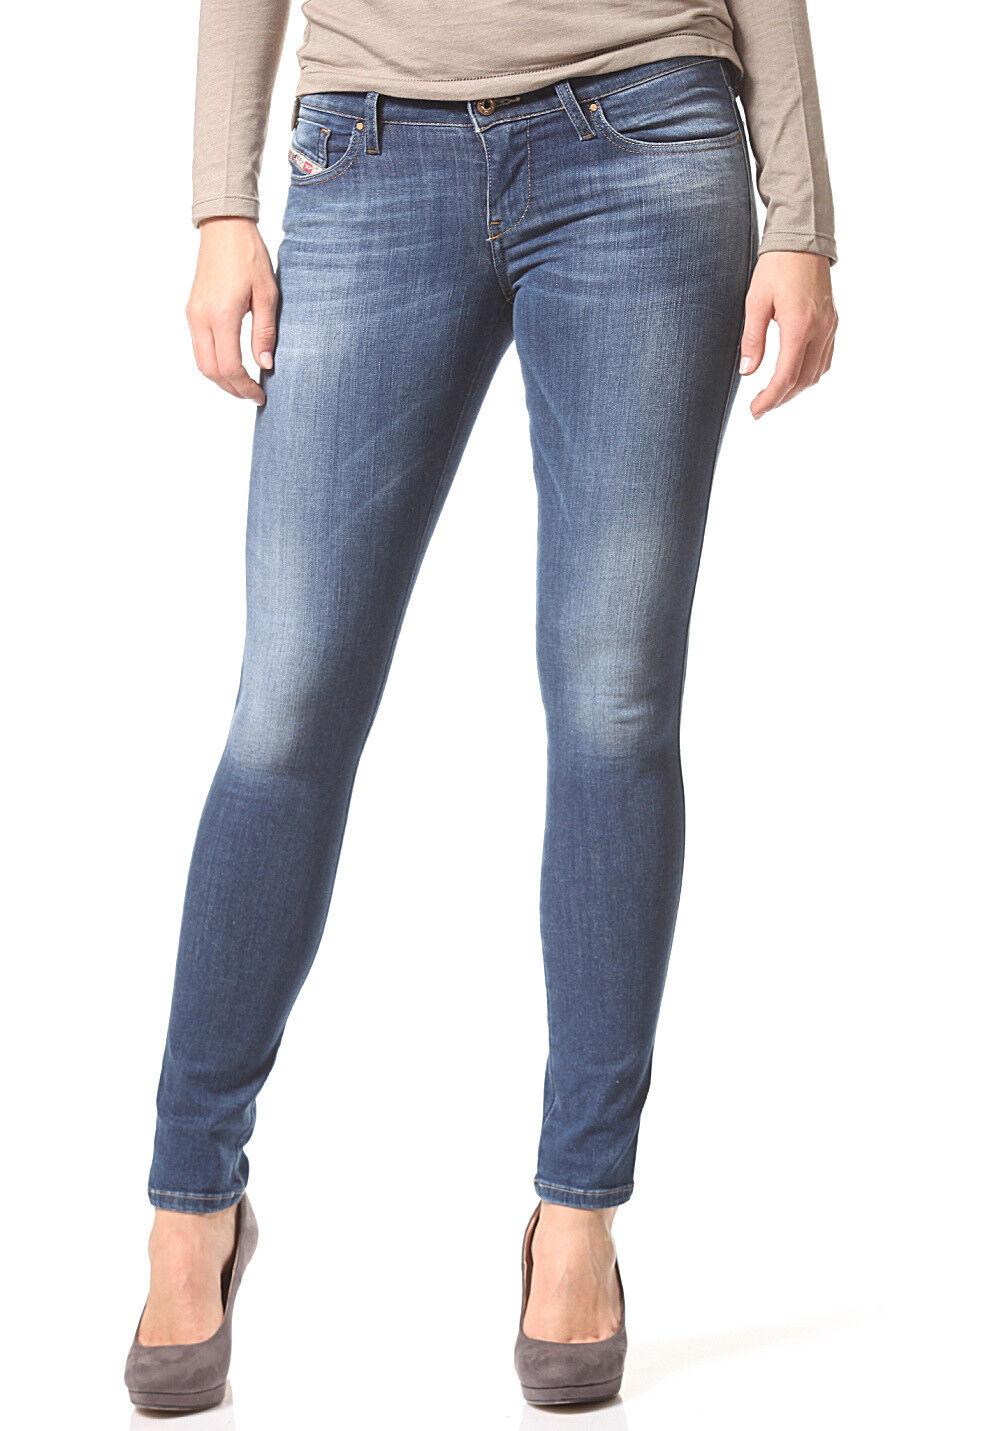 Jeans Diesel für Frauen Skinzee Niedrig 0826F Toll Slim Skinny